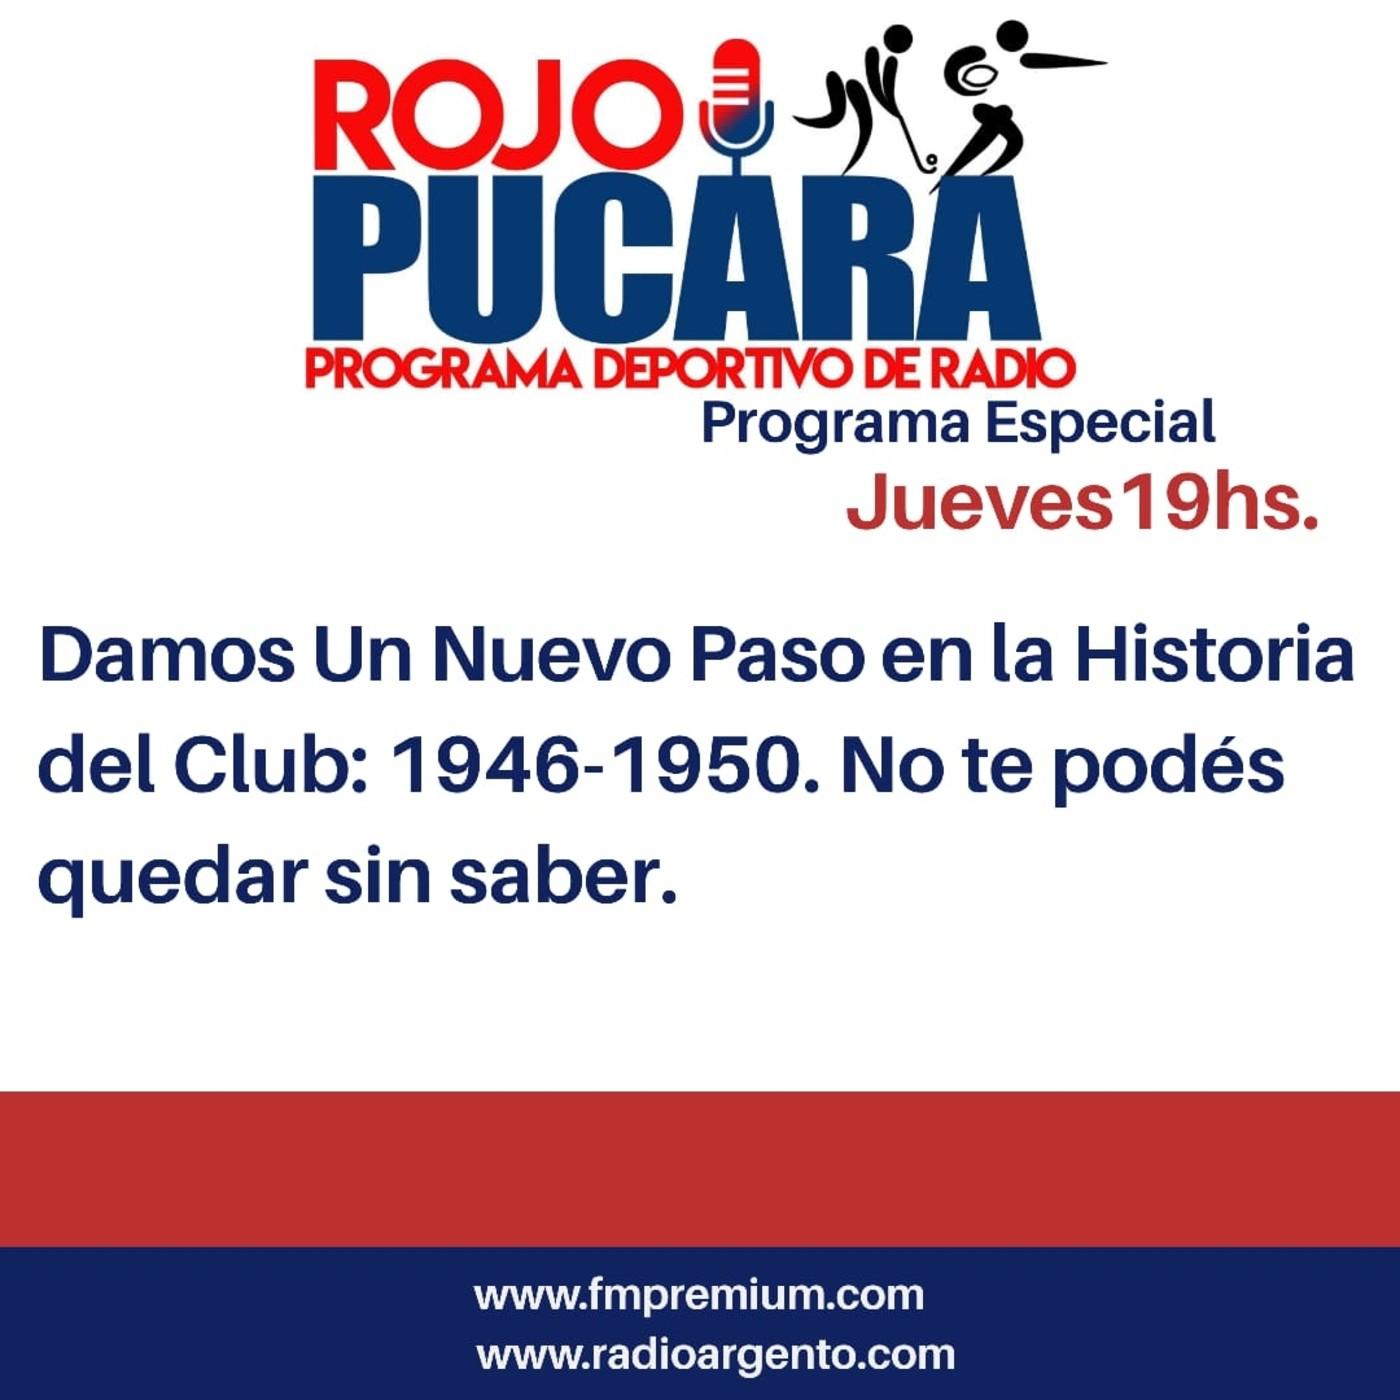 Programa Especial Rojo Pucara Damos un nuevo paso en la Historia del Club 1946-1950